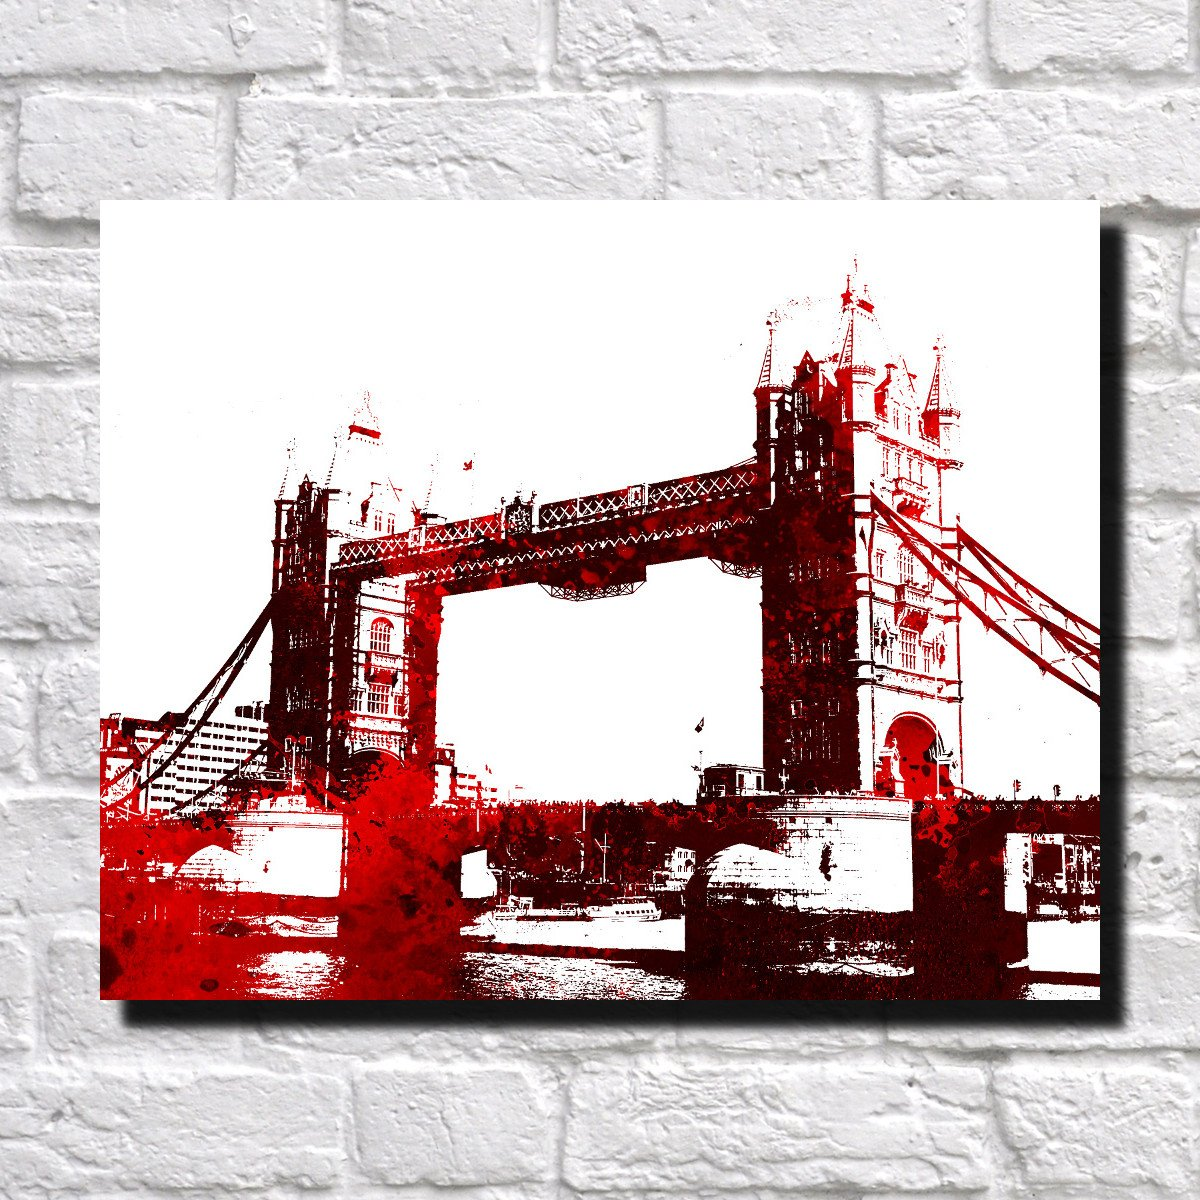 Tower Bridge London City Skyline Print Landscape Poster Feature Wall Art Be Inspired! #wallart #towerbridge #londonbridge https://t.co/Z2Gvjlihaw https://t.co/unVoEsdCSu